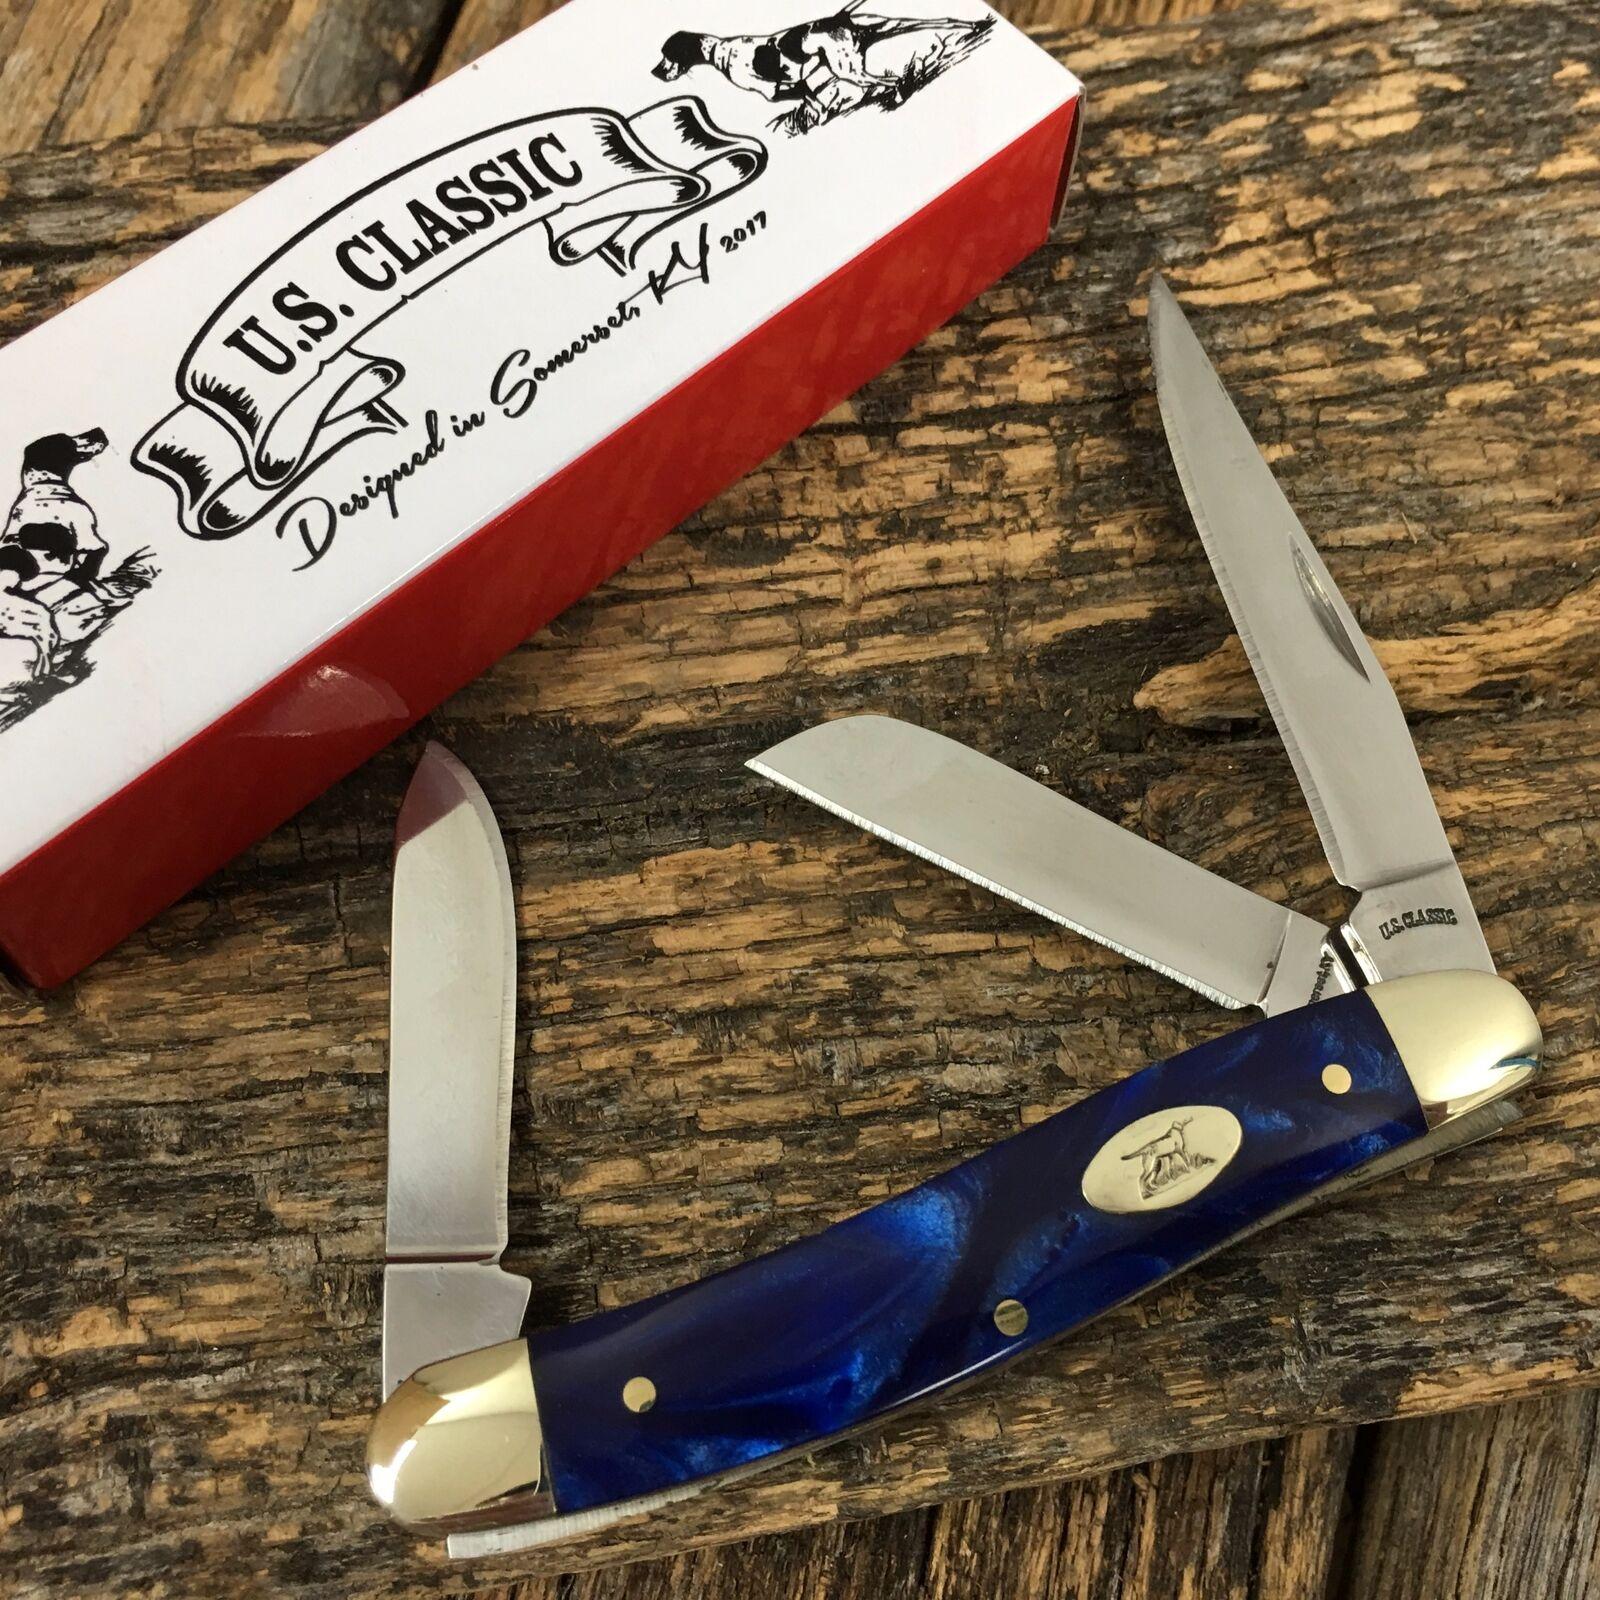 U.S. CLASSIC Folding Pocket Knife 3 1/2″ Blue Swirl Handles NEW EM2567065002 h